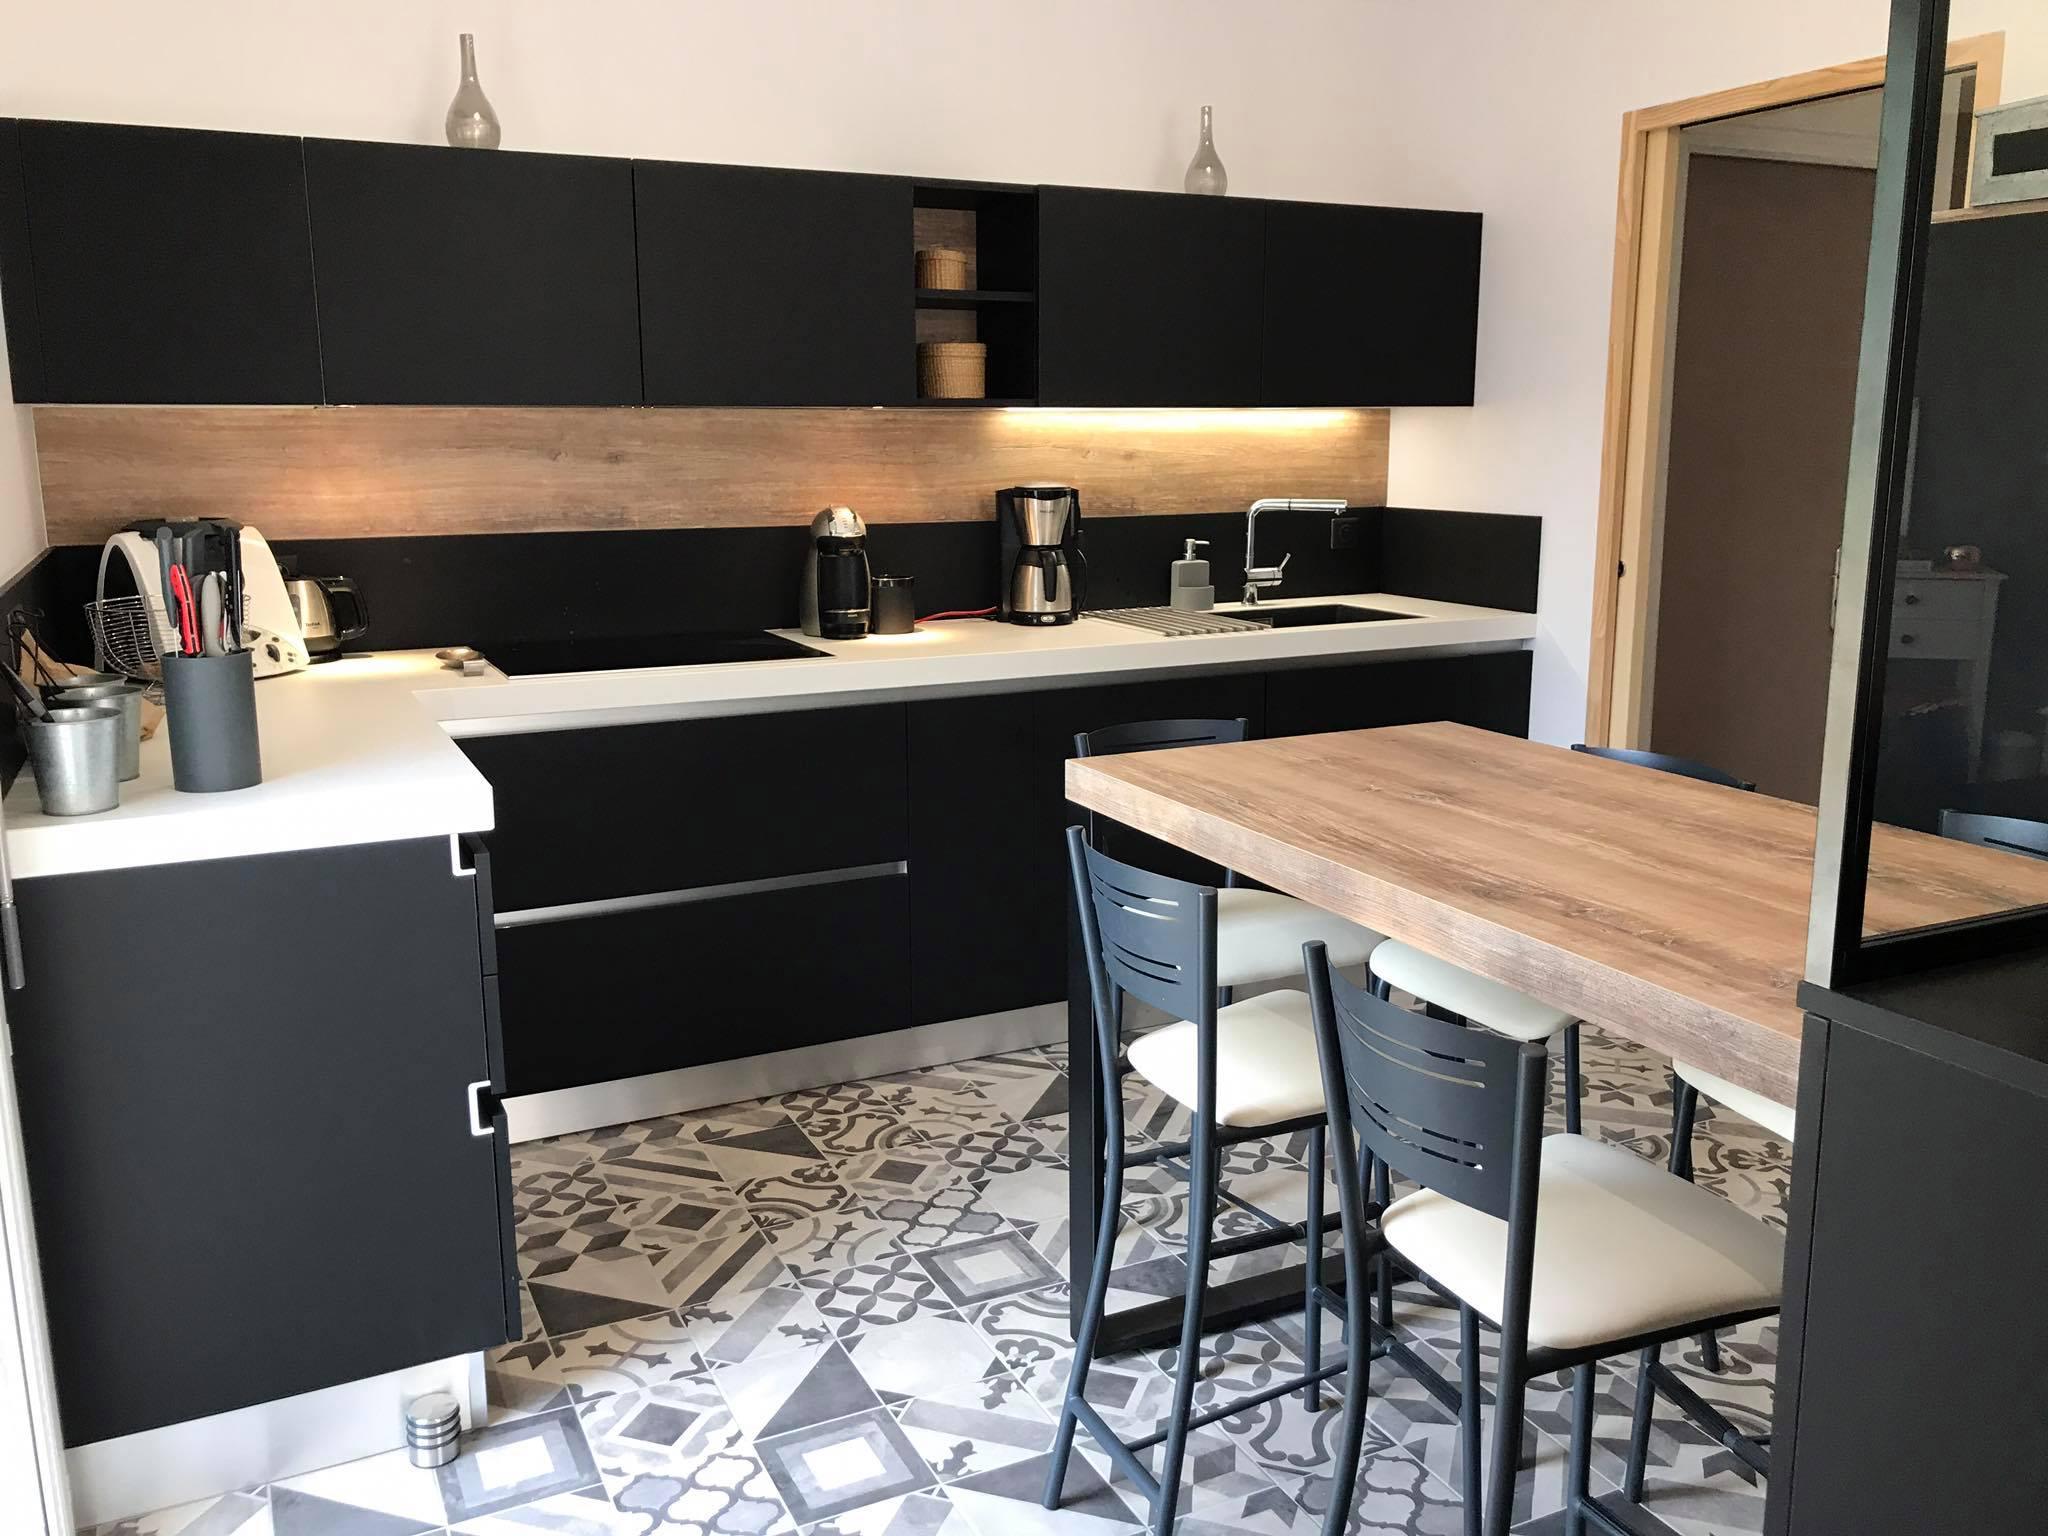 plan de travail cuisine noire - atwebster.fr - maison et mobilier